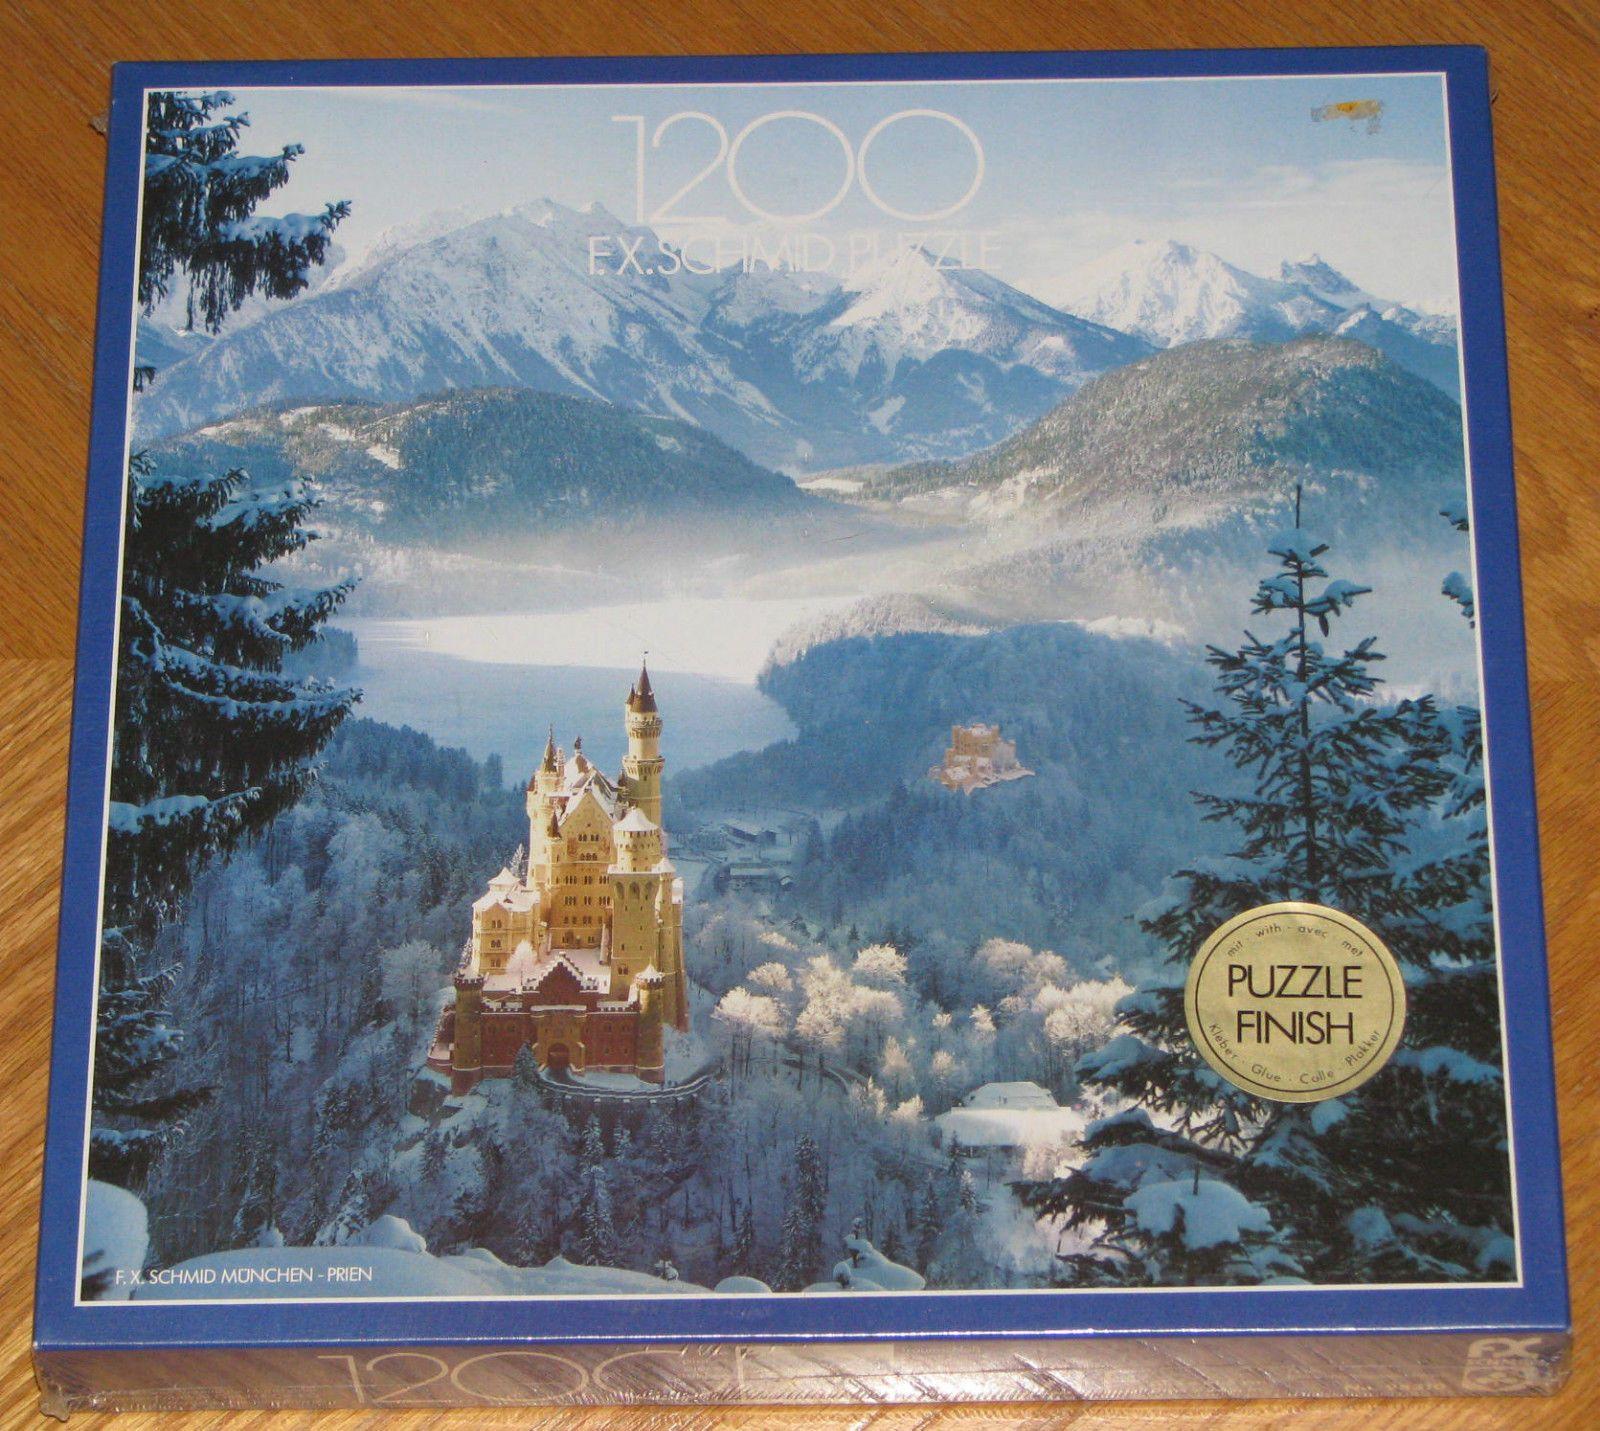 sealed-Neuschwanstein-Dream-Castle-Puzzle-vintage-FX-Schmid.jpg 800×716 pixels